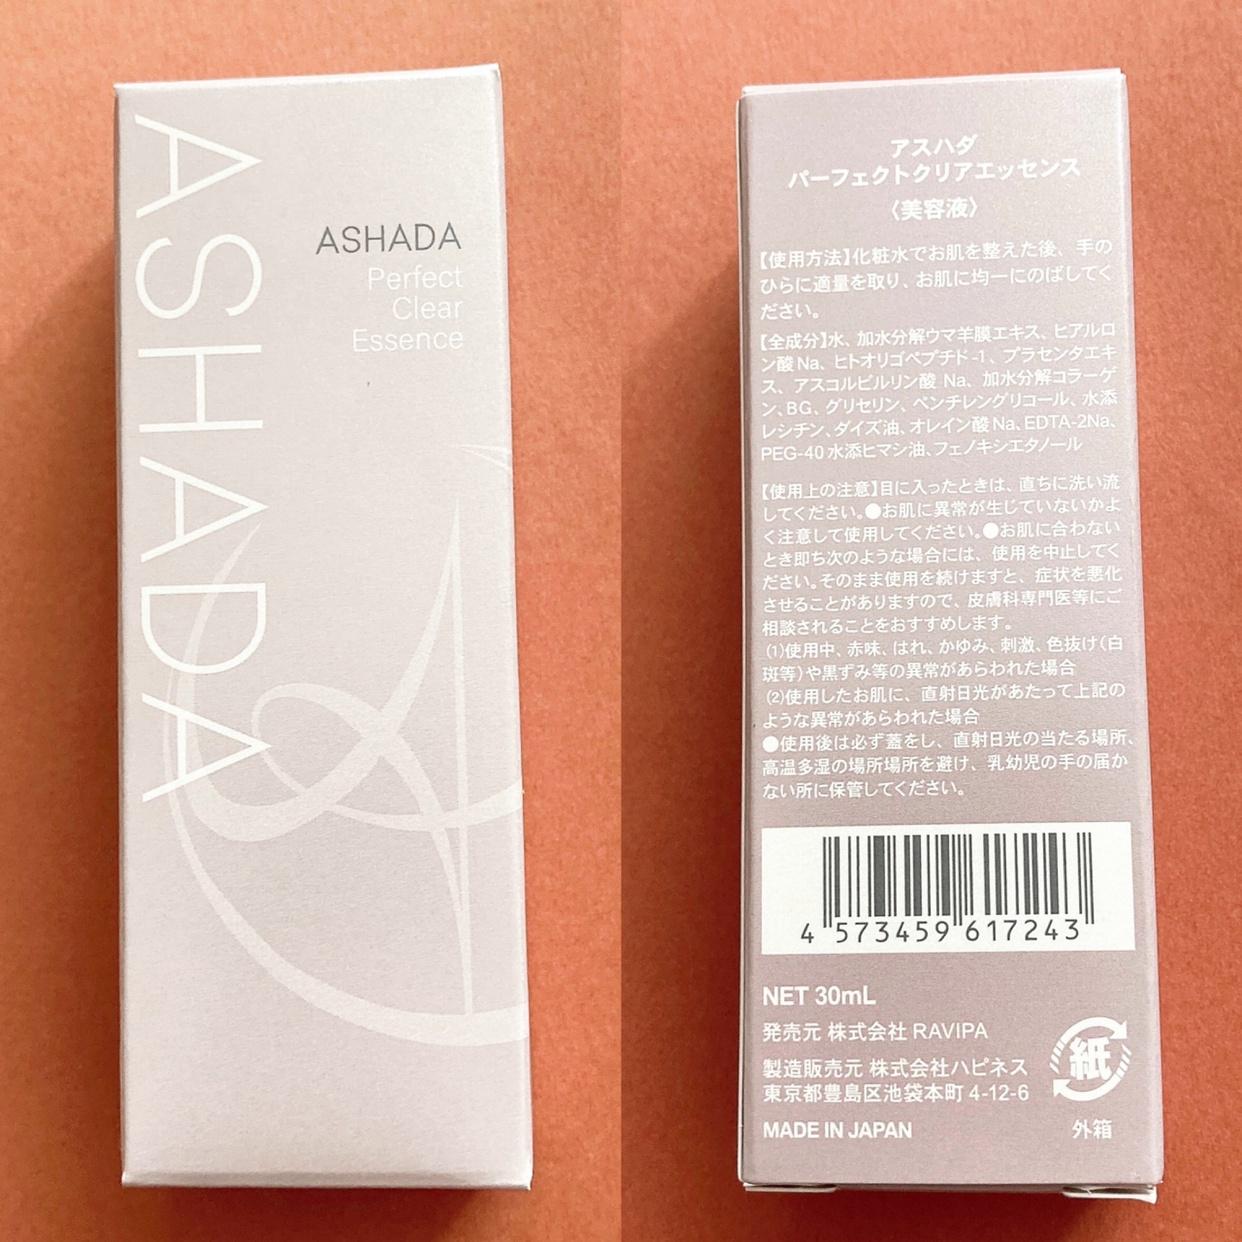 ASHADA(アスハダ) パーフェクトクリアエッセンスを使ったyunaさんのクチコミ画像2